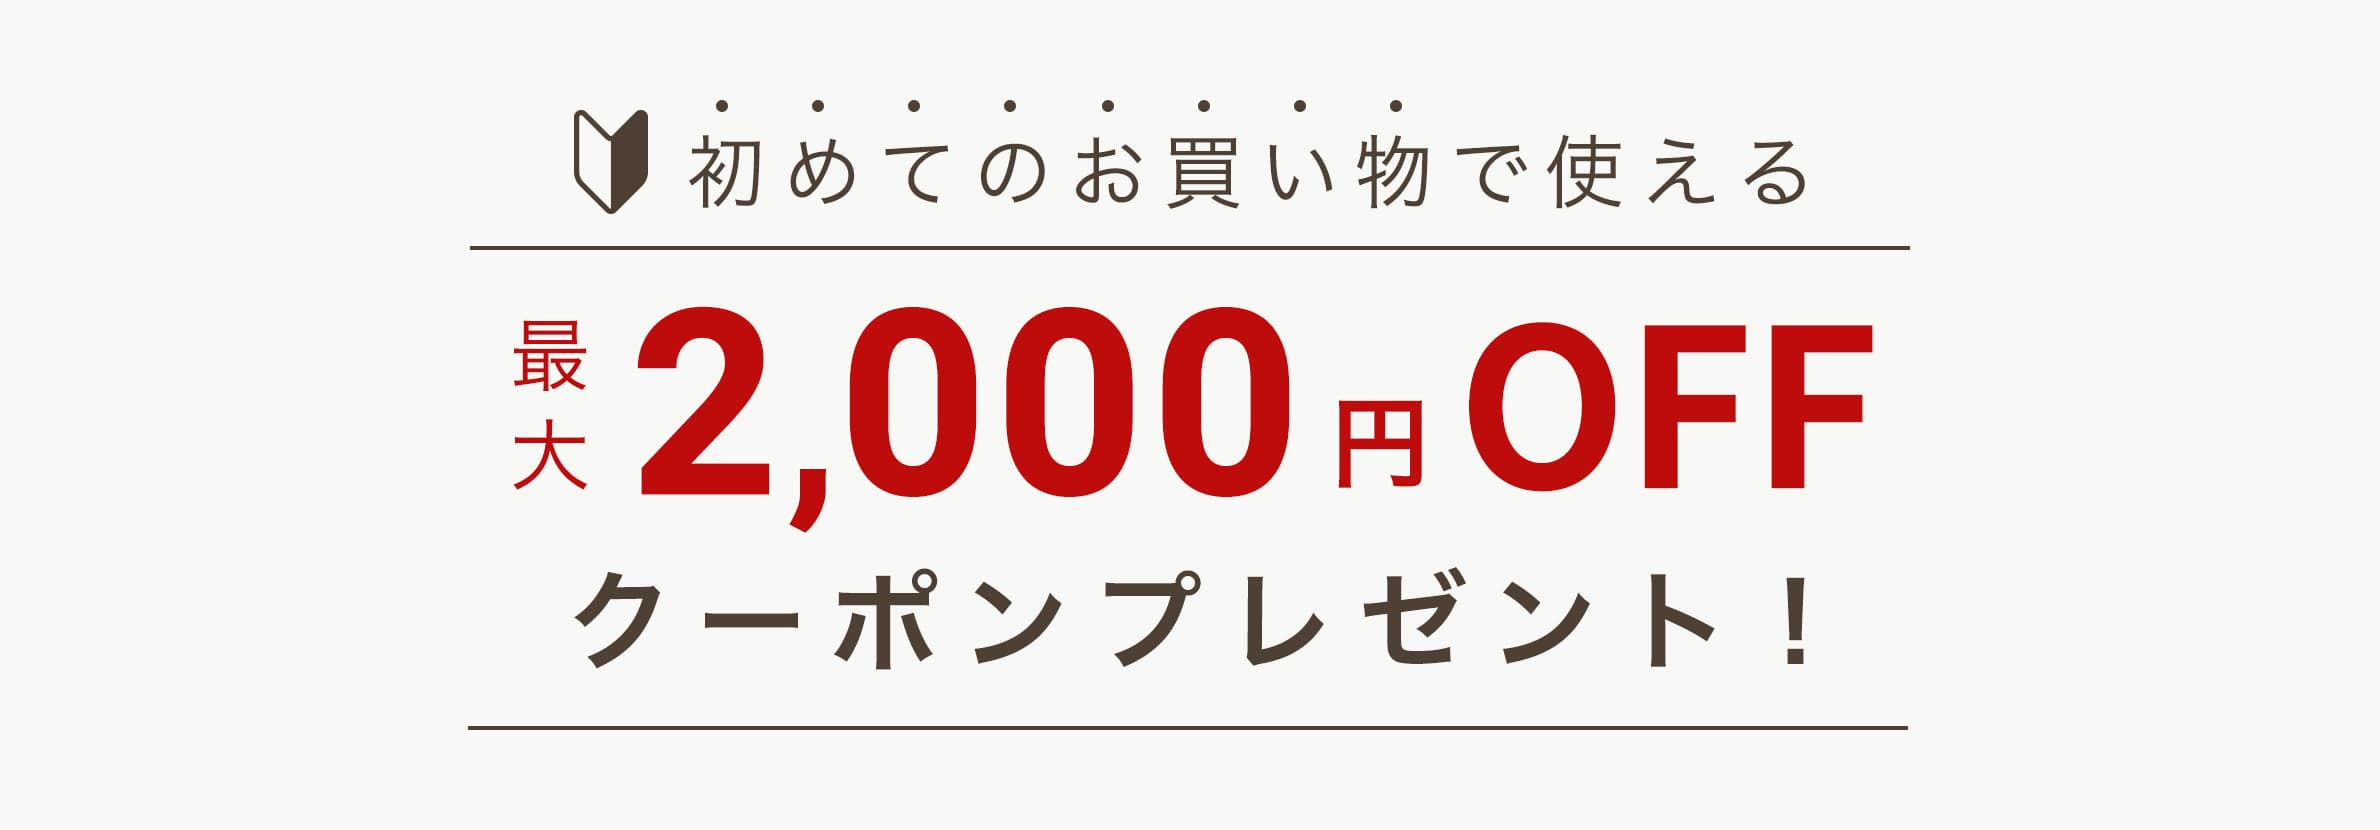 オンワード 2,000円 クーポン